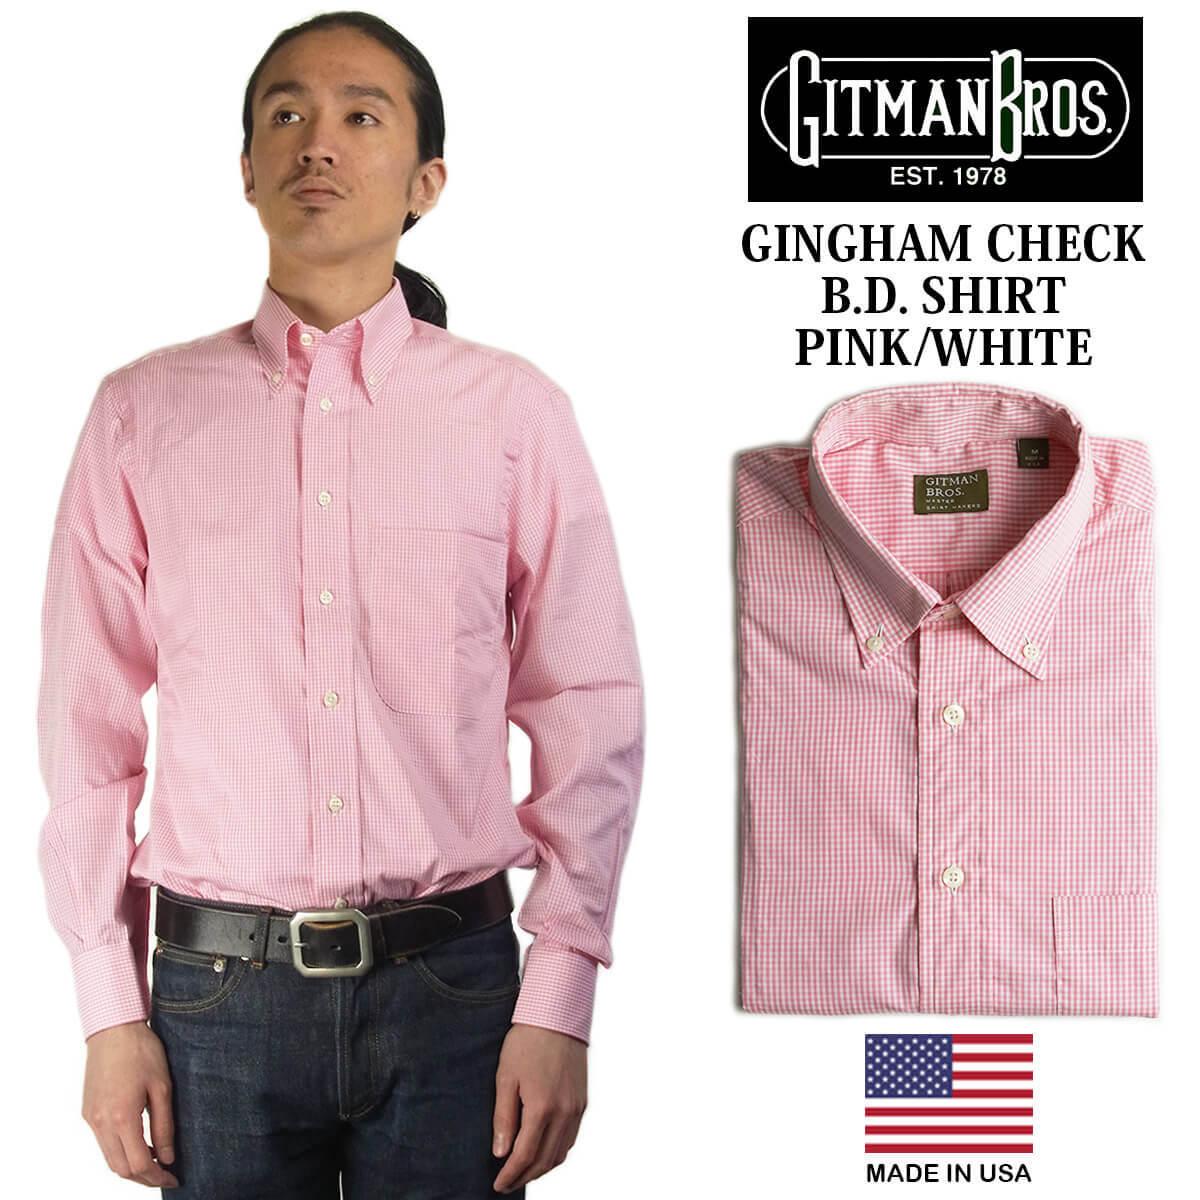 ギットマン ブラザーズ Gitman Bros. ギンガムチェック ボタンダウンシャツ ピンク/ホワイト (アメリカ製 米国製 GINGHAM CHECK B.D. SHIRT 長袖)